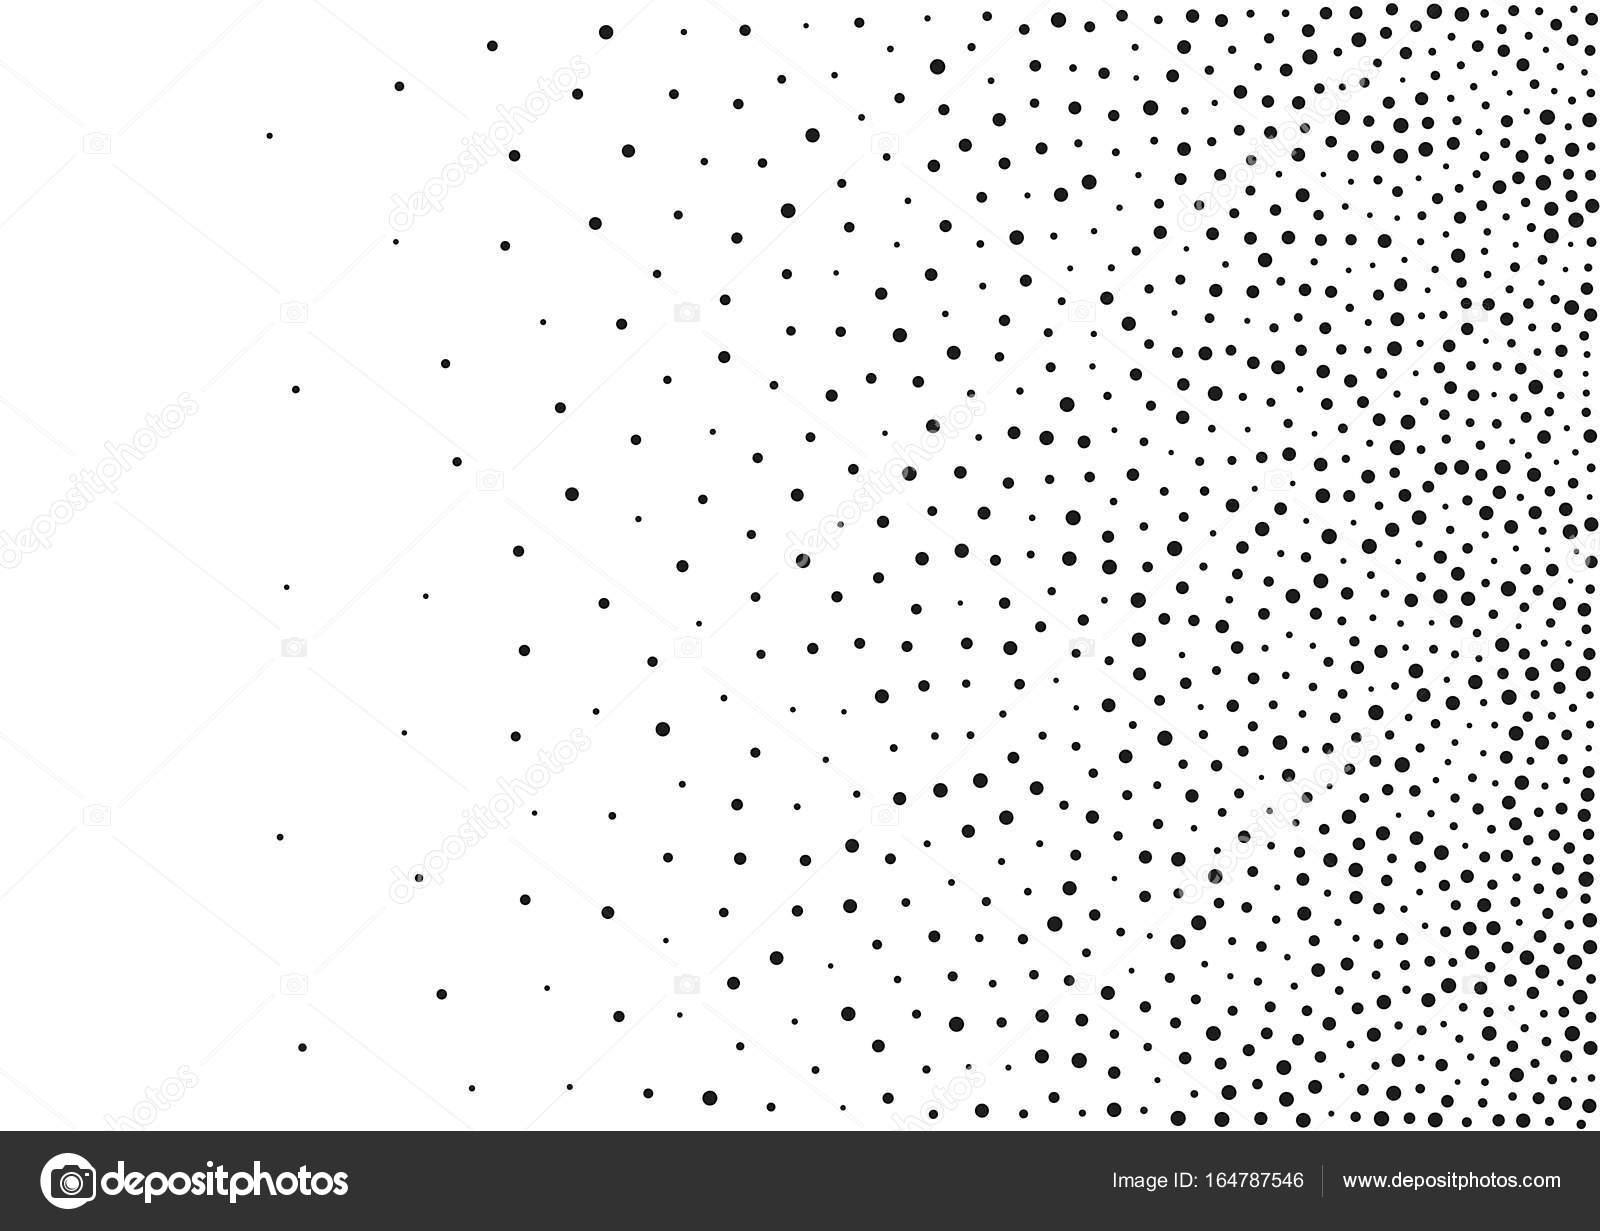 Abstracta fondo de puntos al azar del gradiente medio tono. Tamaño ...